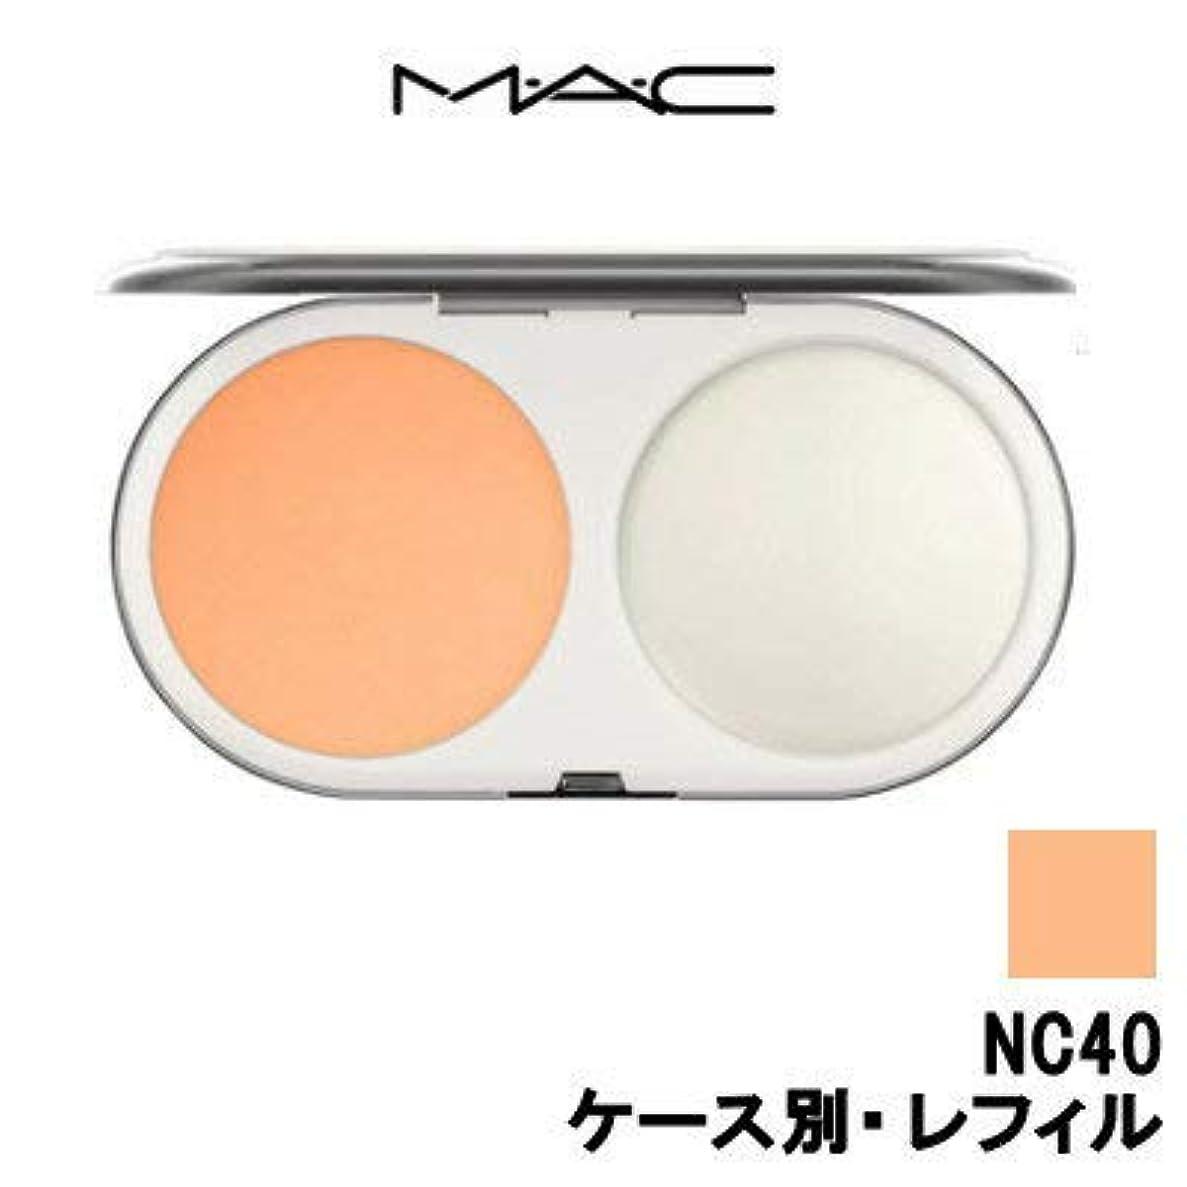 チョコレート送金引き受けるマック(MAC) ライトフル C SPF 30 ファンデーション #NC40 SPF30/PA+++ 14g[並行輸入品]